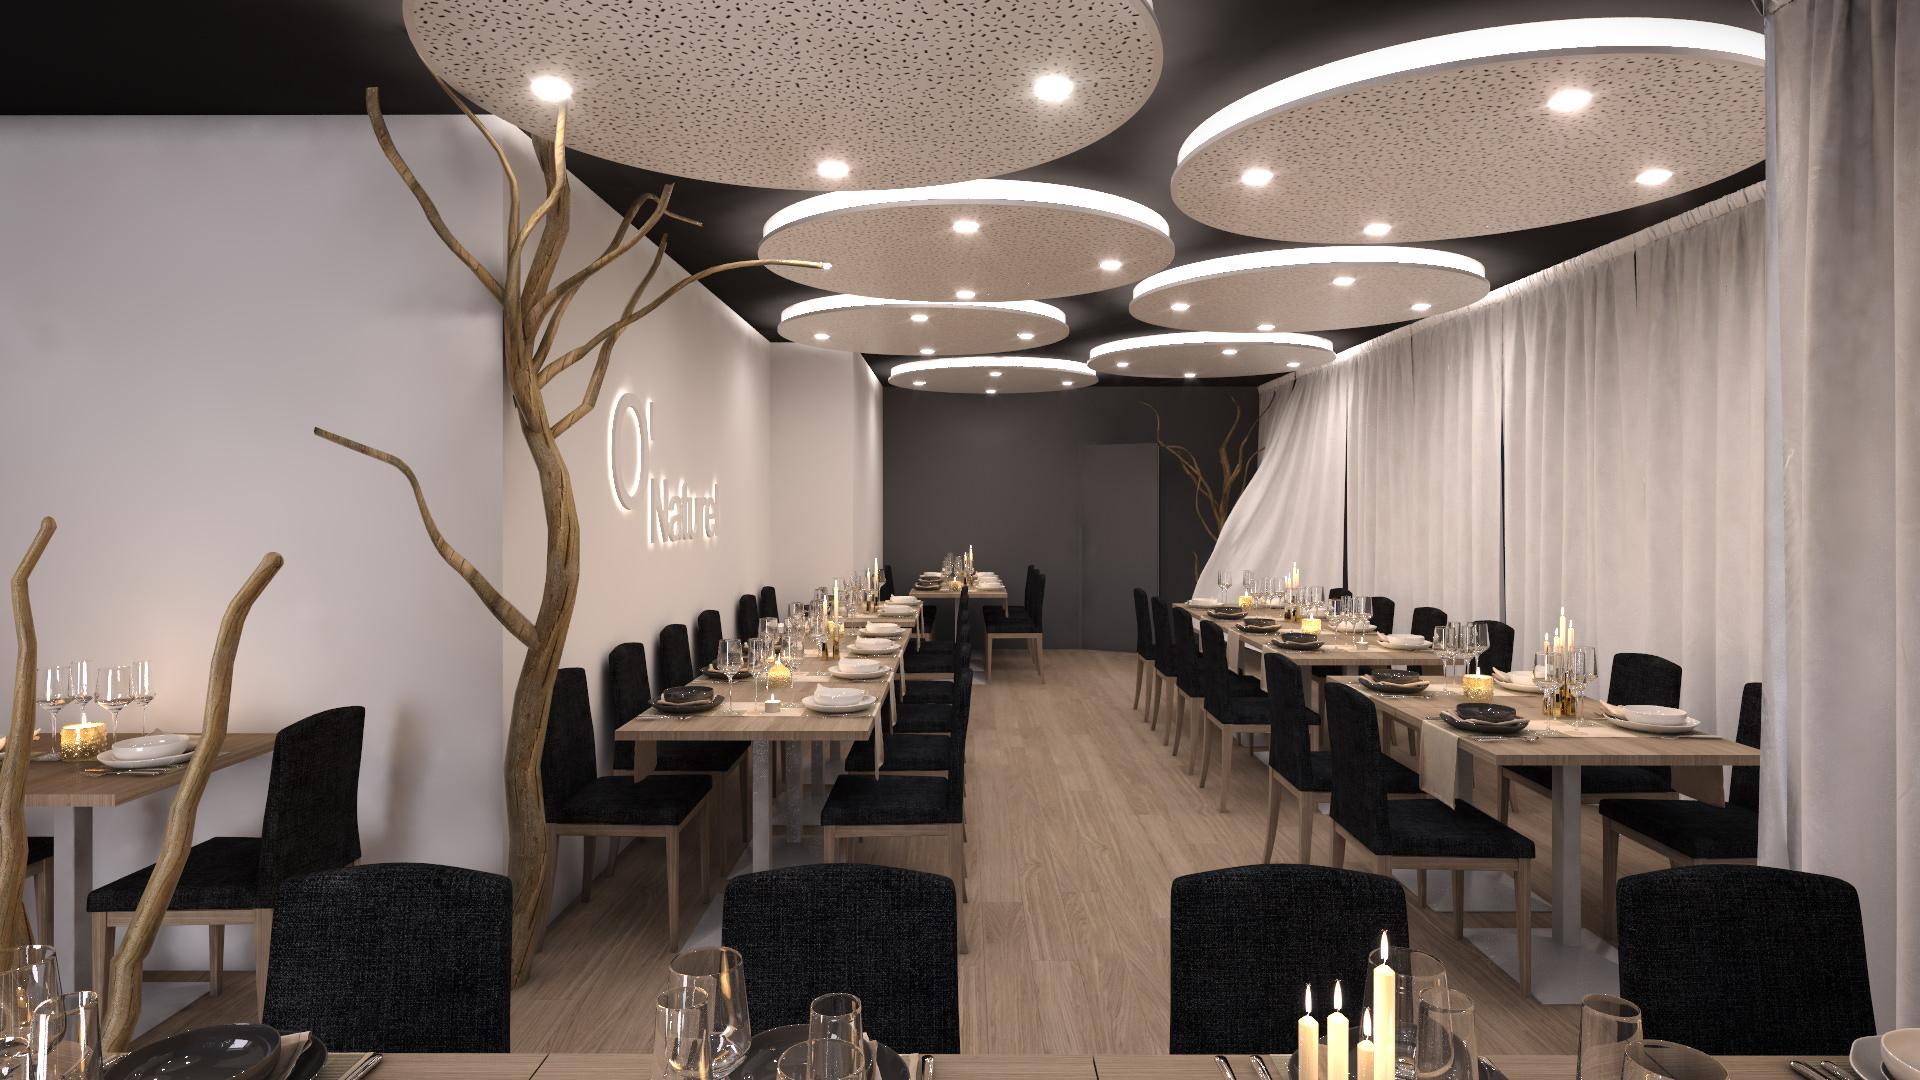 【画像】全裸じゃないと入店お断りのレストランがオープンwwwwwwwwwのサムネイル画像